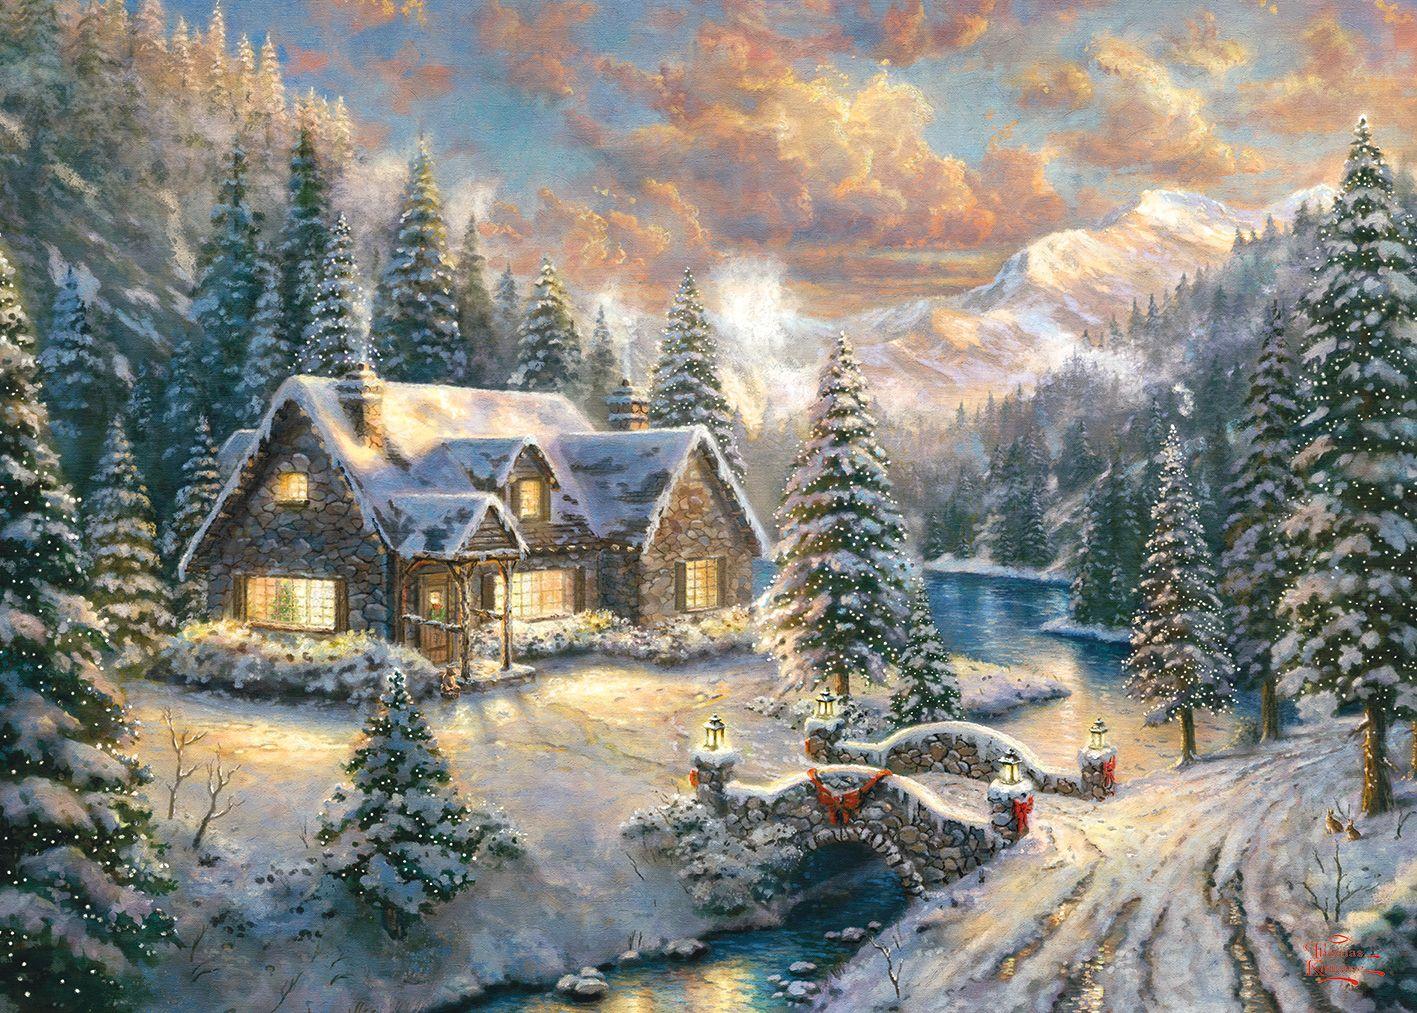 Приятные скучаю, картинки зимний пейзаж новогодние картинки